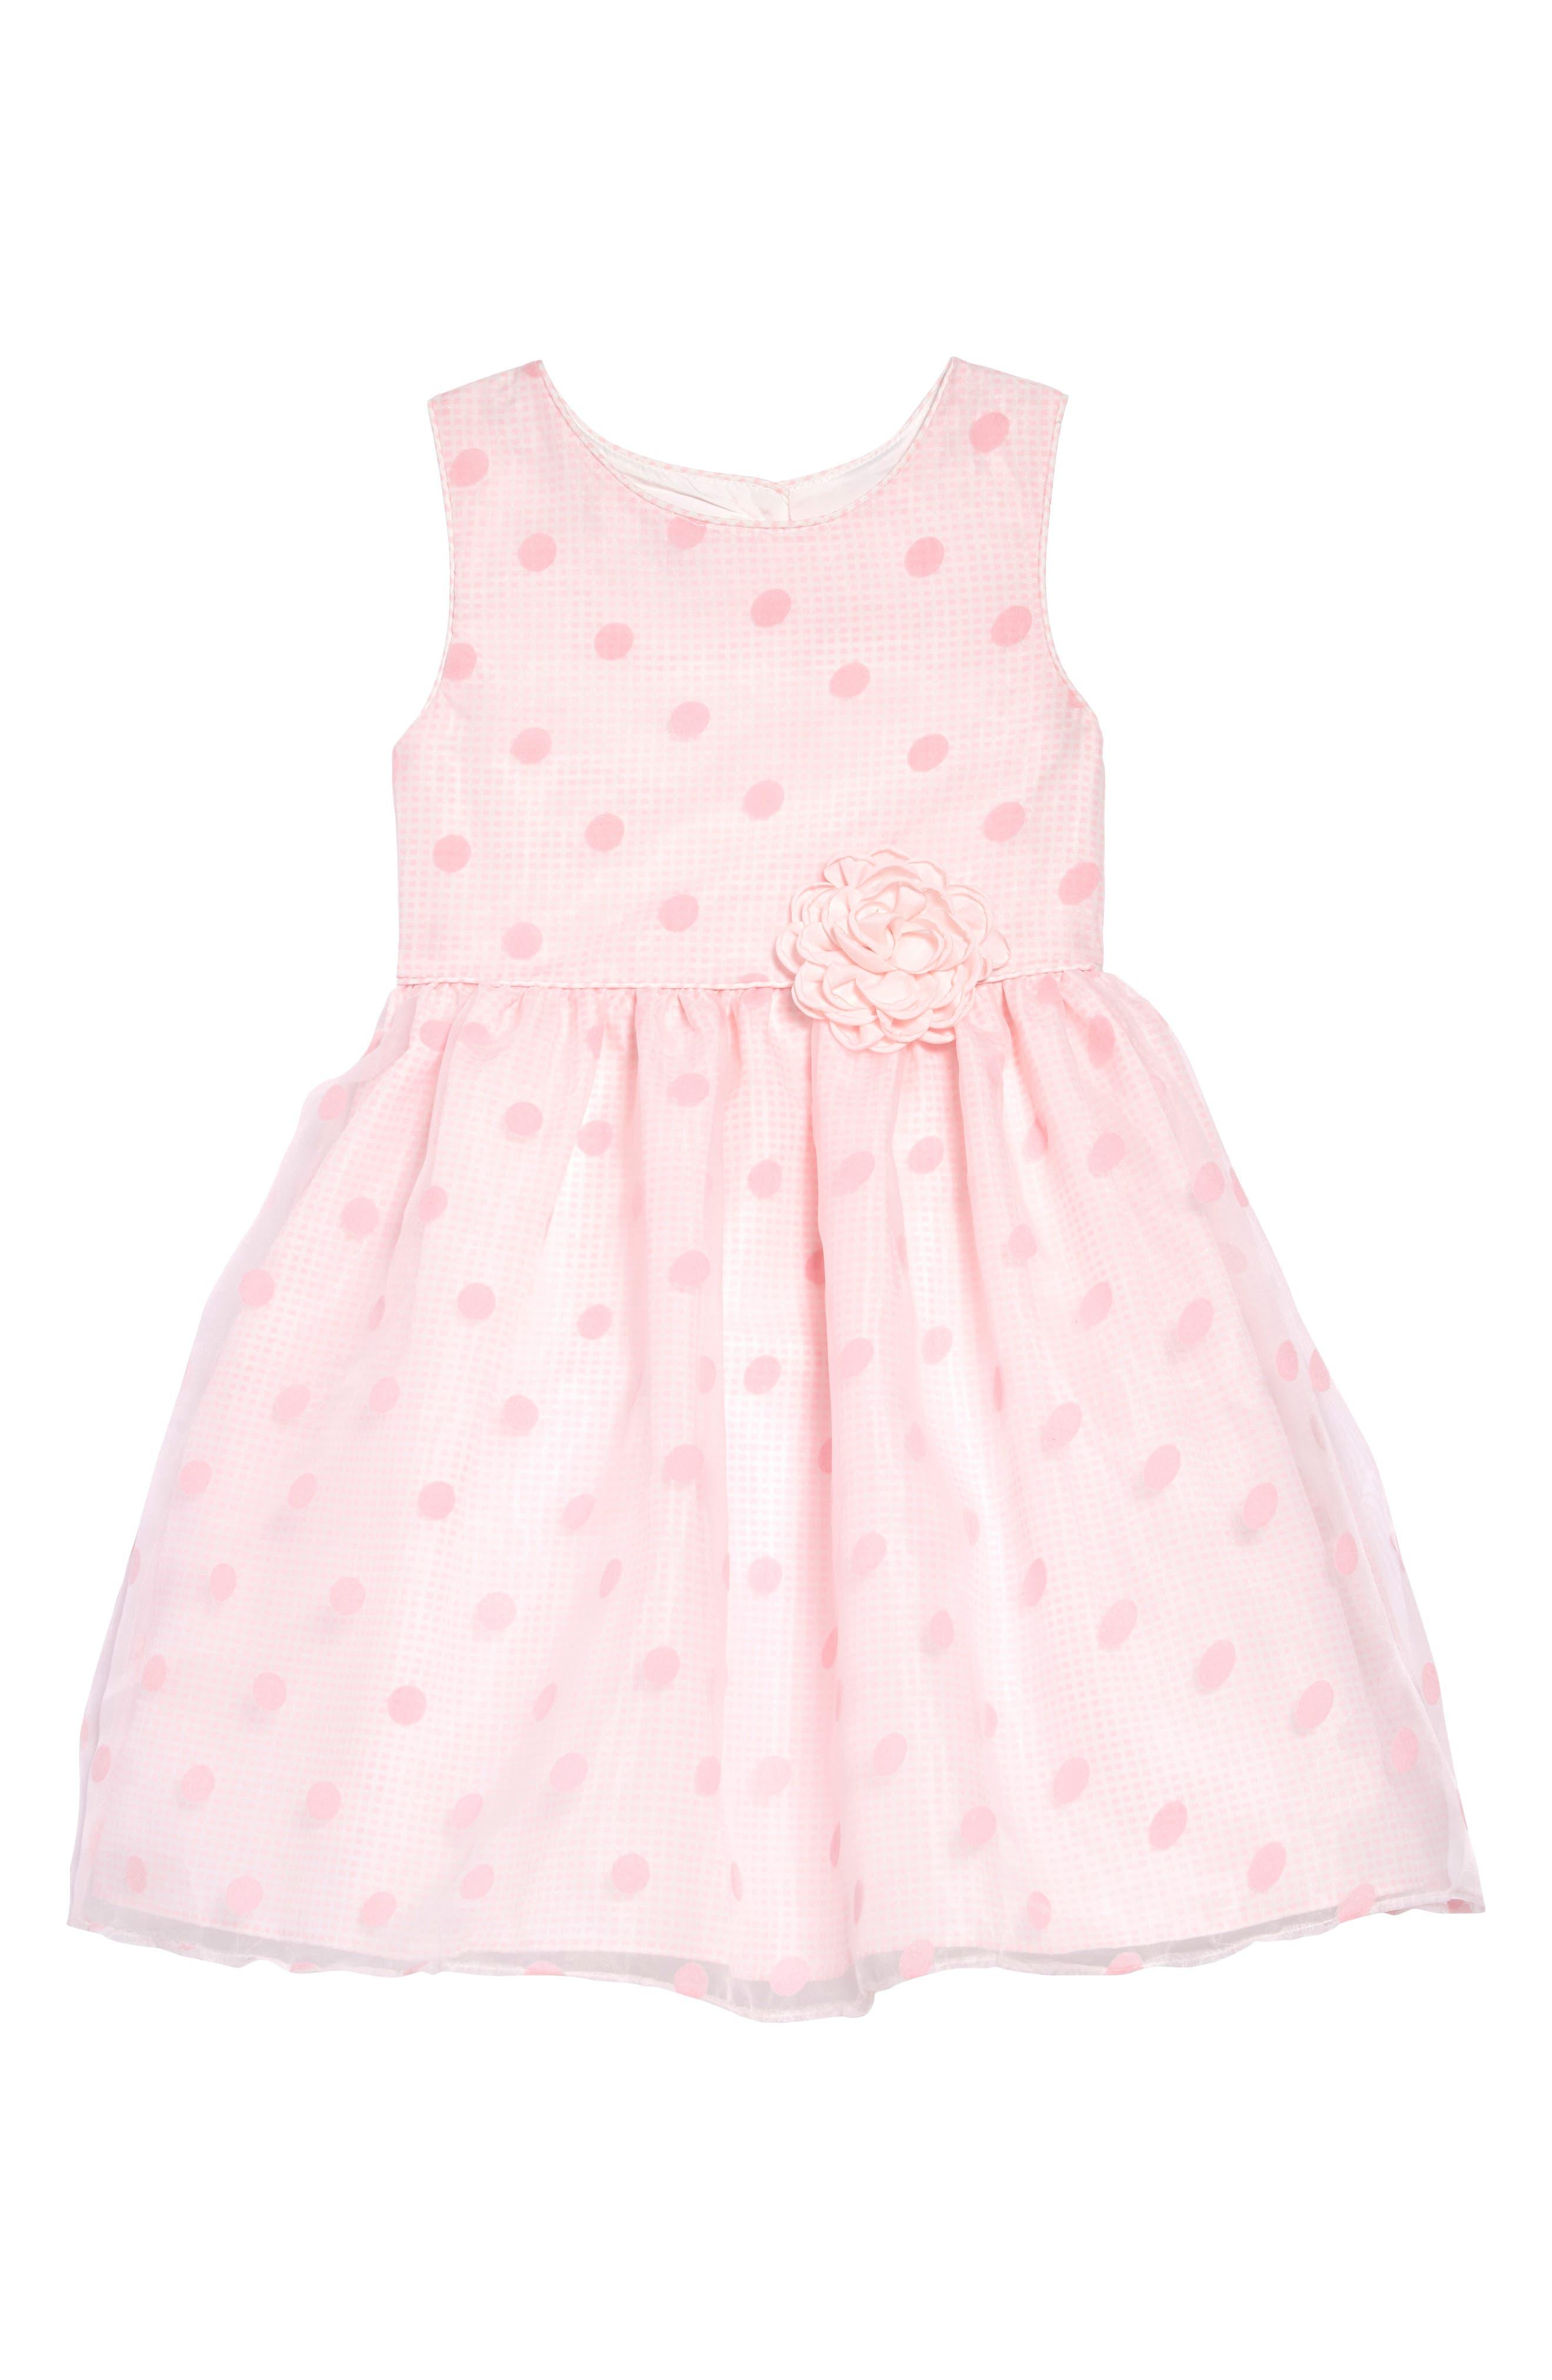 Girls Frais Dot Overlay Gingham Dress Size 5  Pink